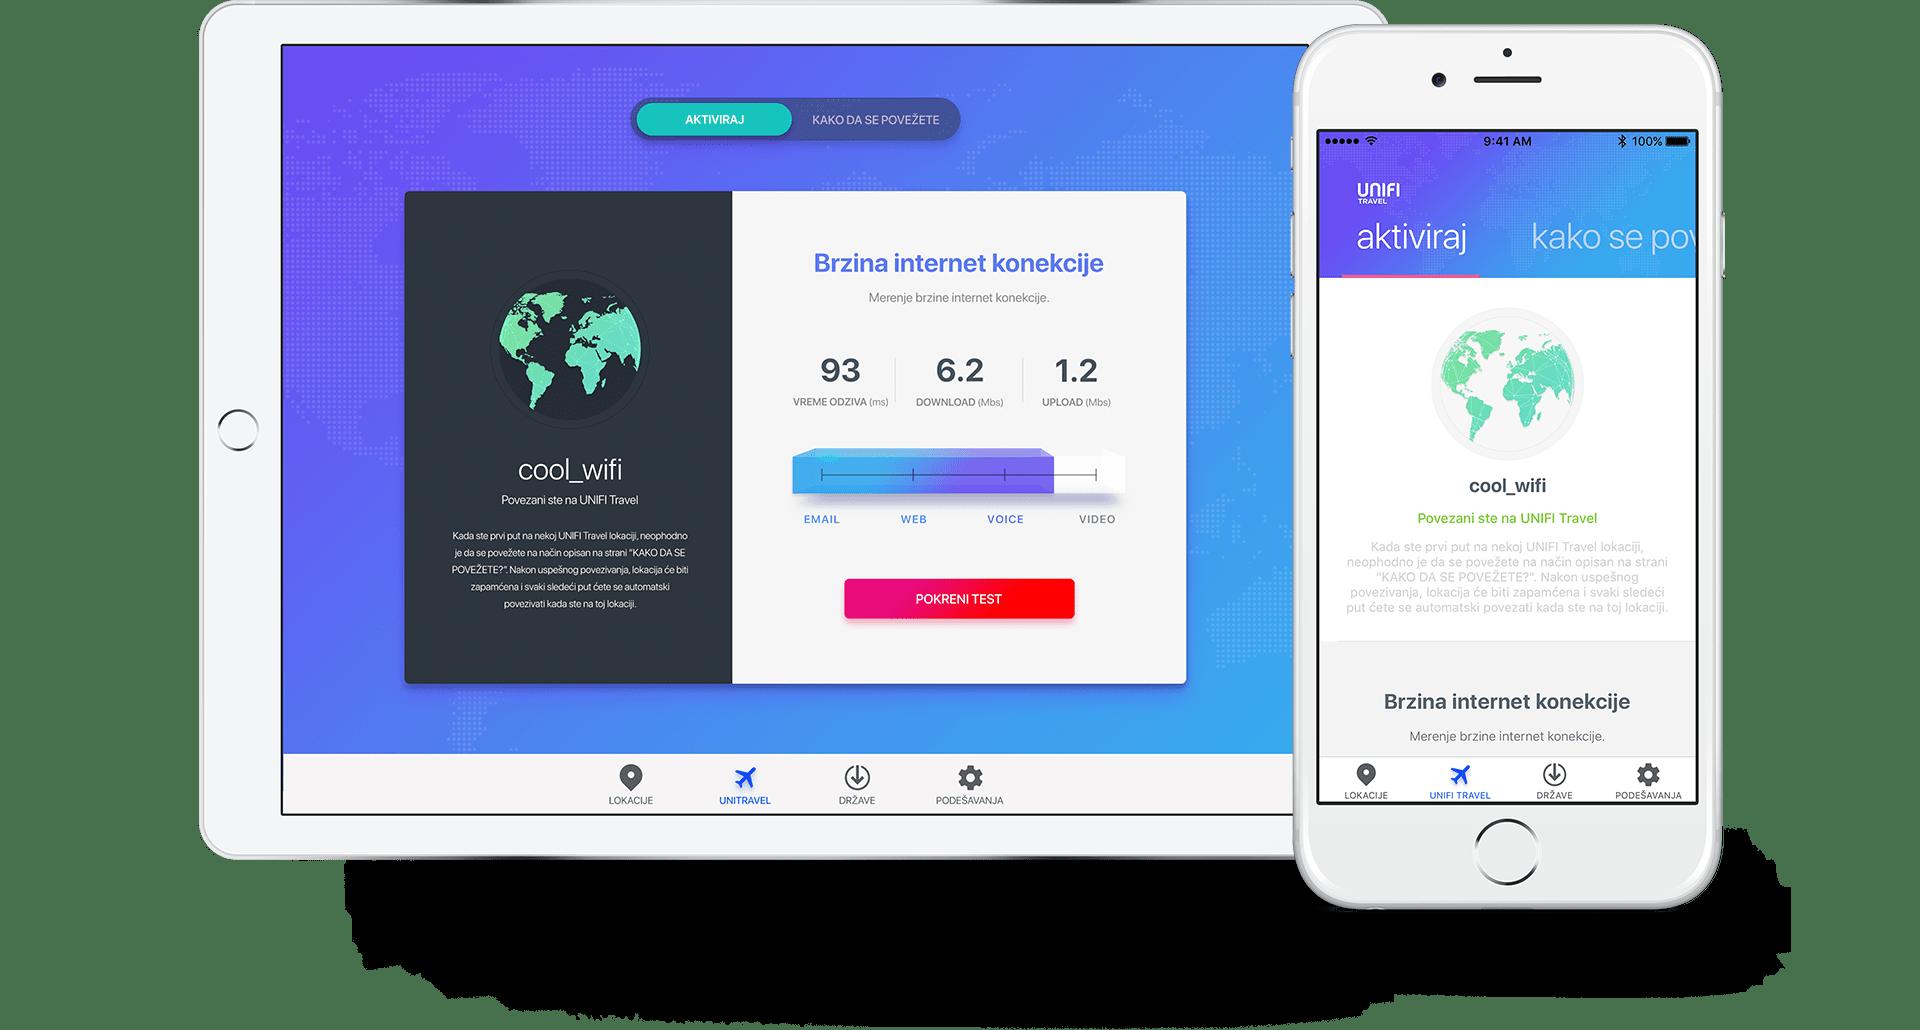 UNIFI Travel app internet connection